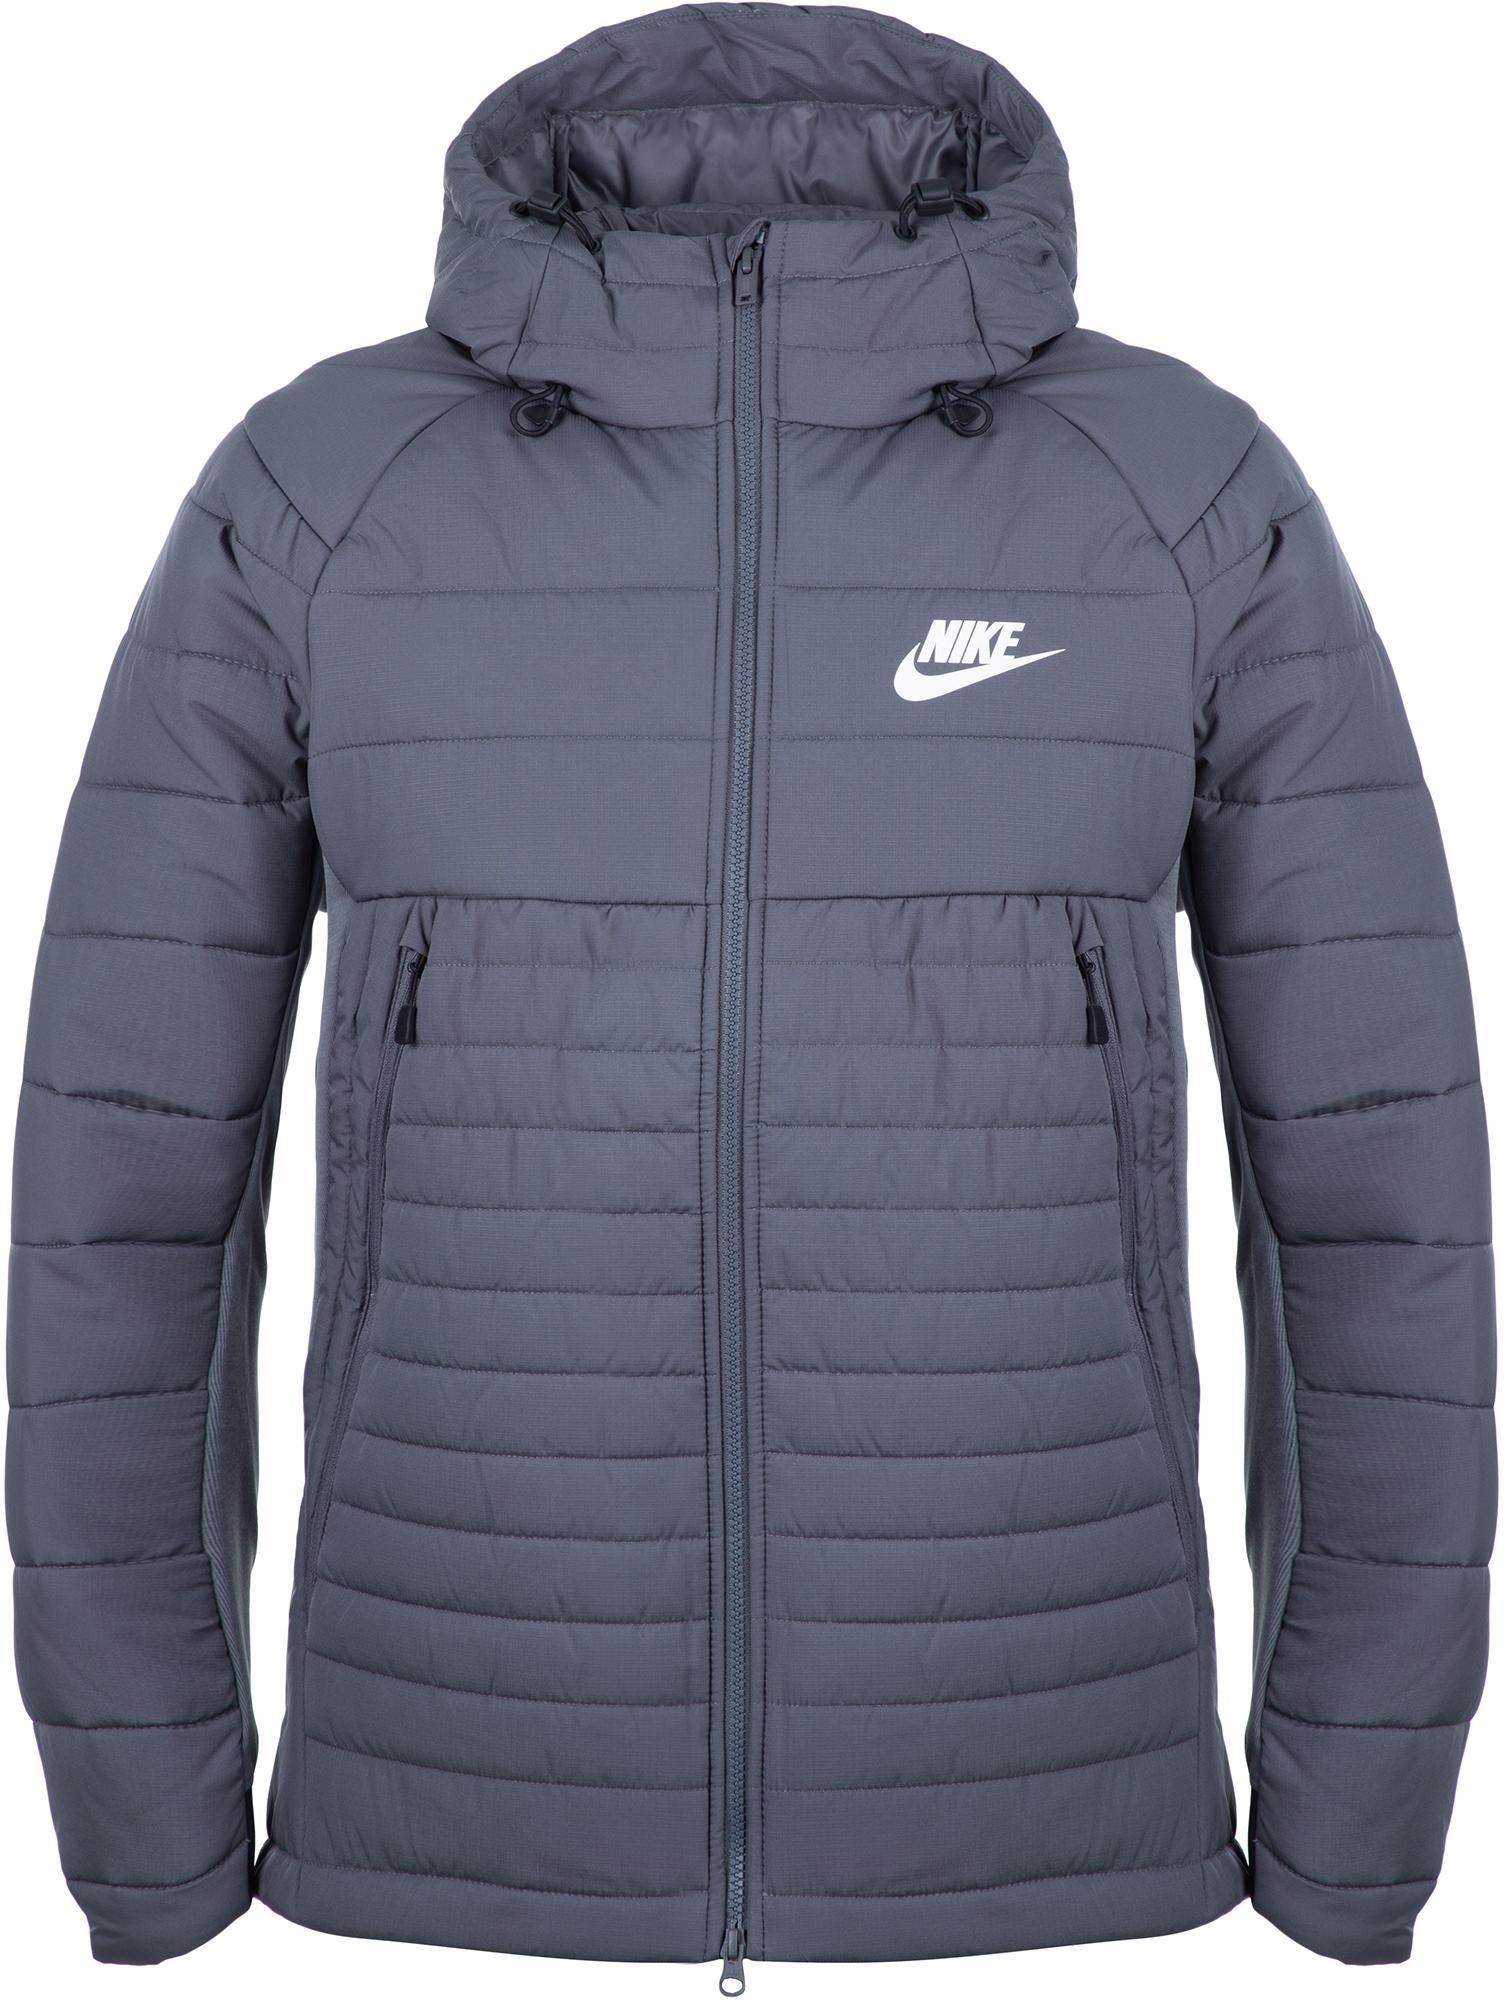 цена на Nike Куртка утепленная мужская Nike Sportswear Advance 15, размер 44-46